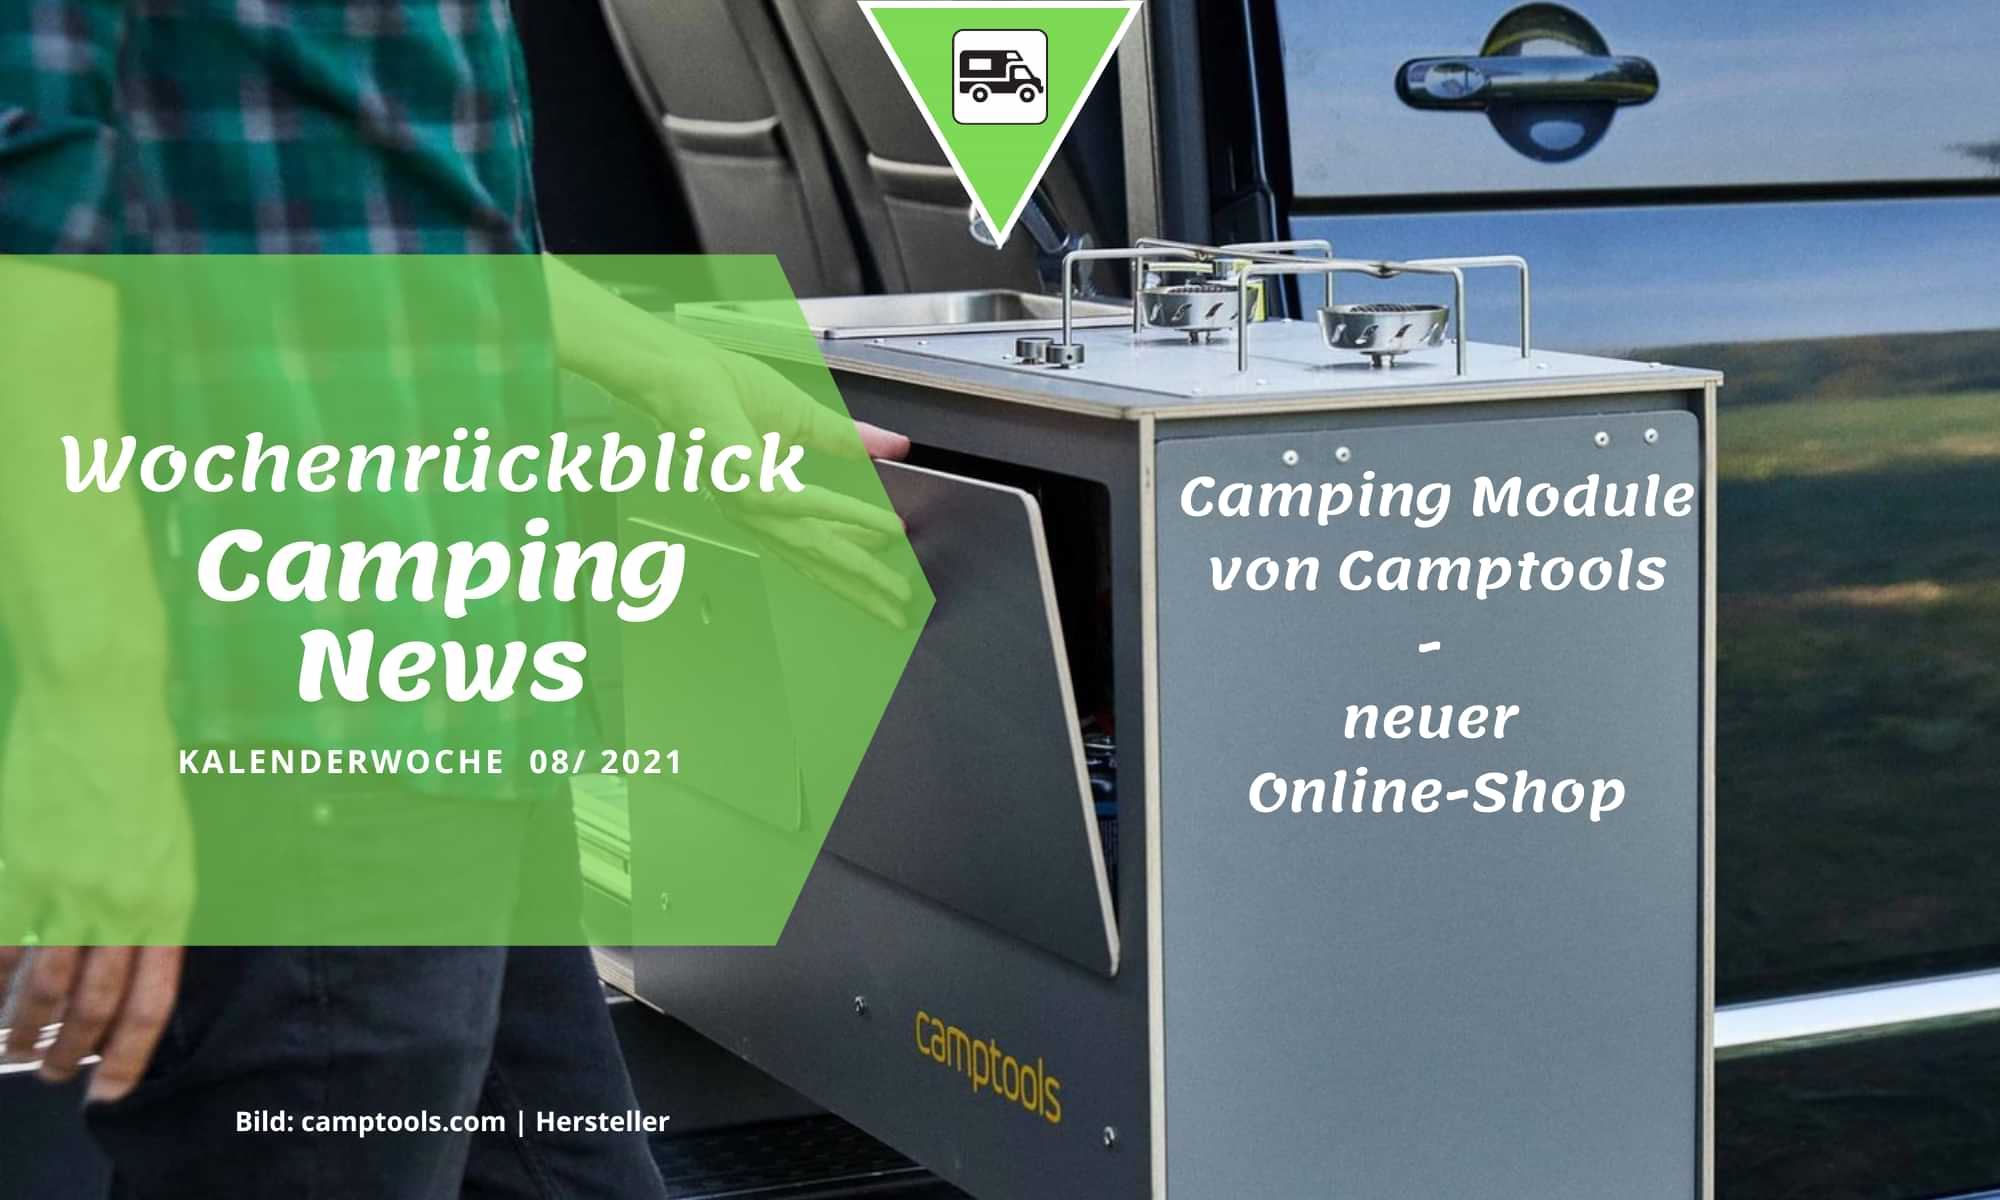 Camping Module von Camptools – neuer Online-Shop